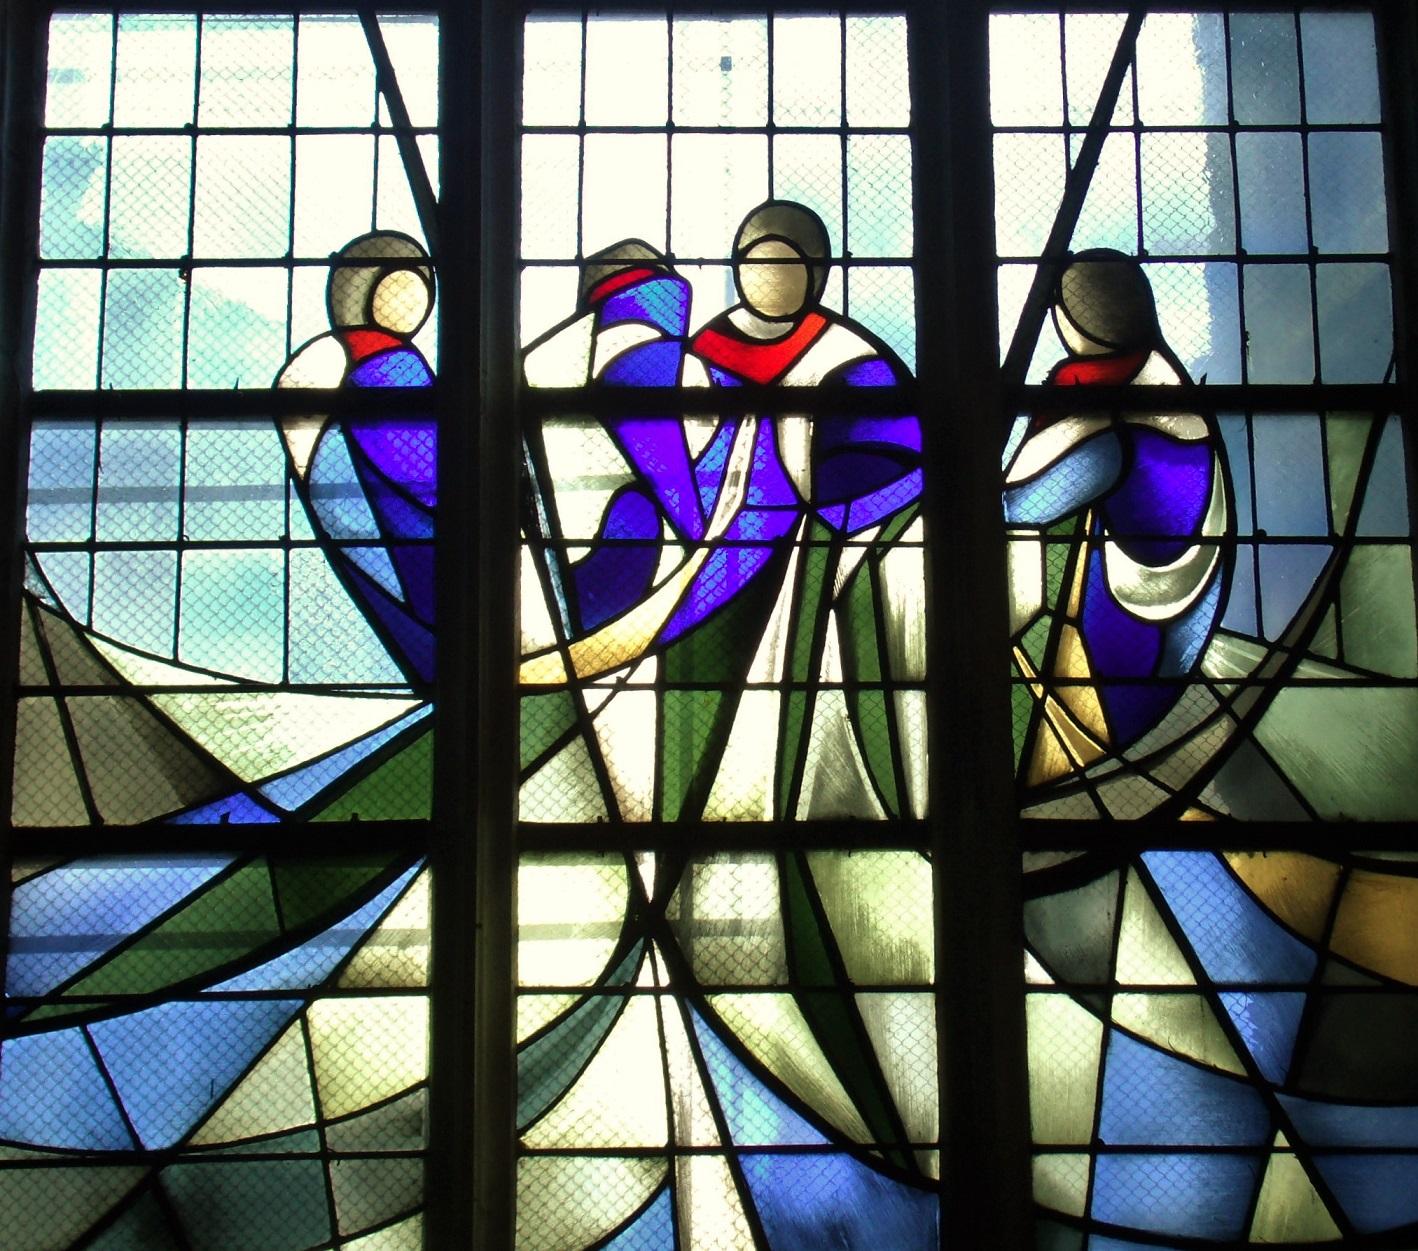 Windows Église Saint Jean, Caen, by Danièle Perre